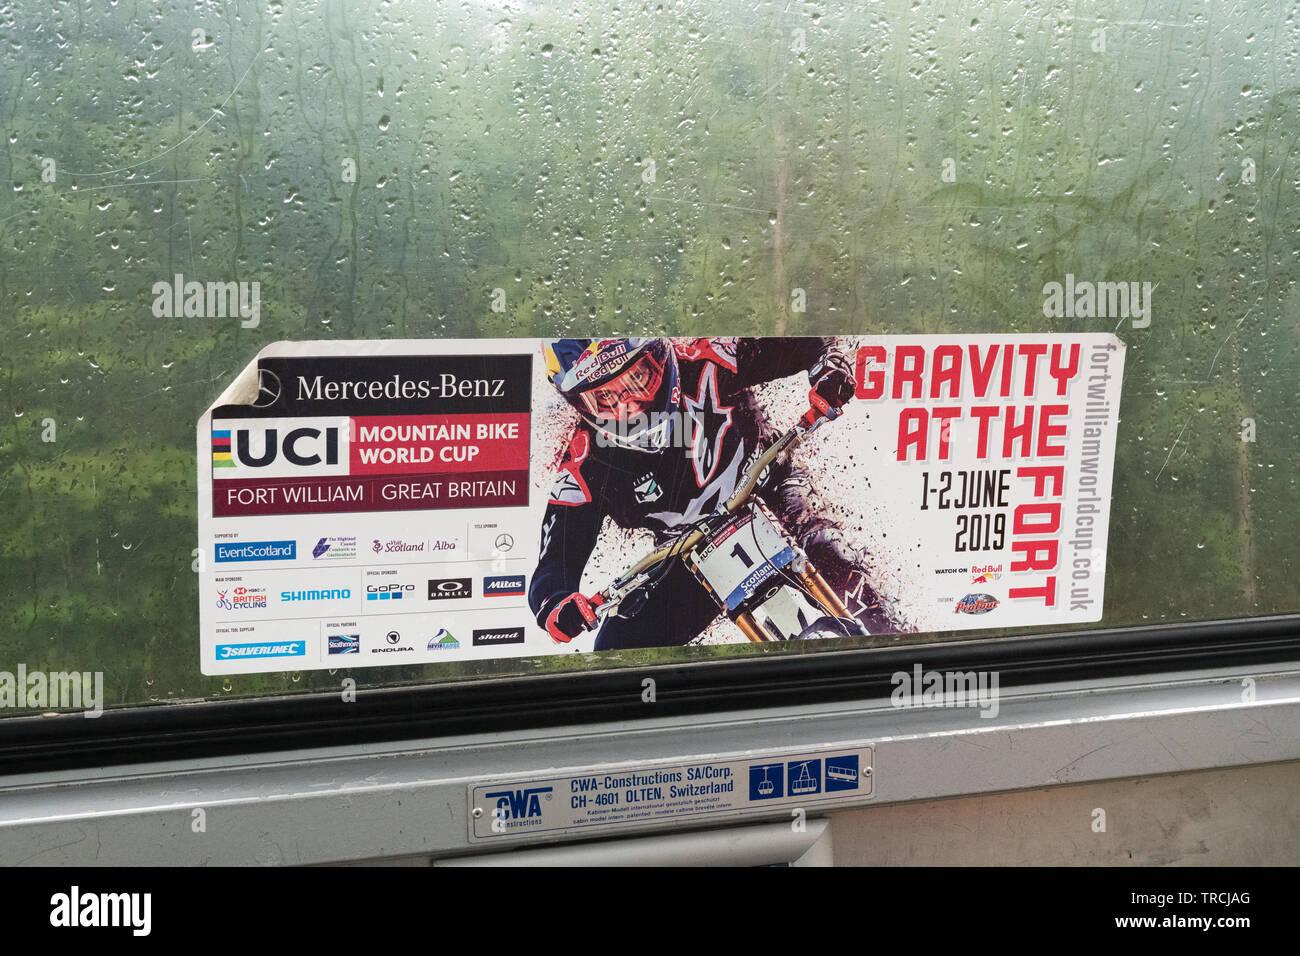 UCI Mountain Bike World Cup 2019 pubblicità adesivo in gondola durante un umido molto fine settimana di gare - Fort William, Scotland, Regno Unito Immagini Stock